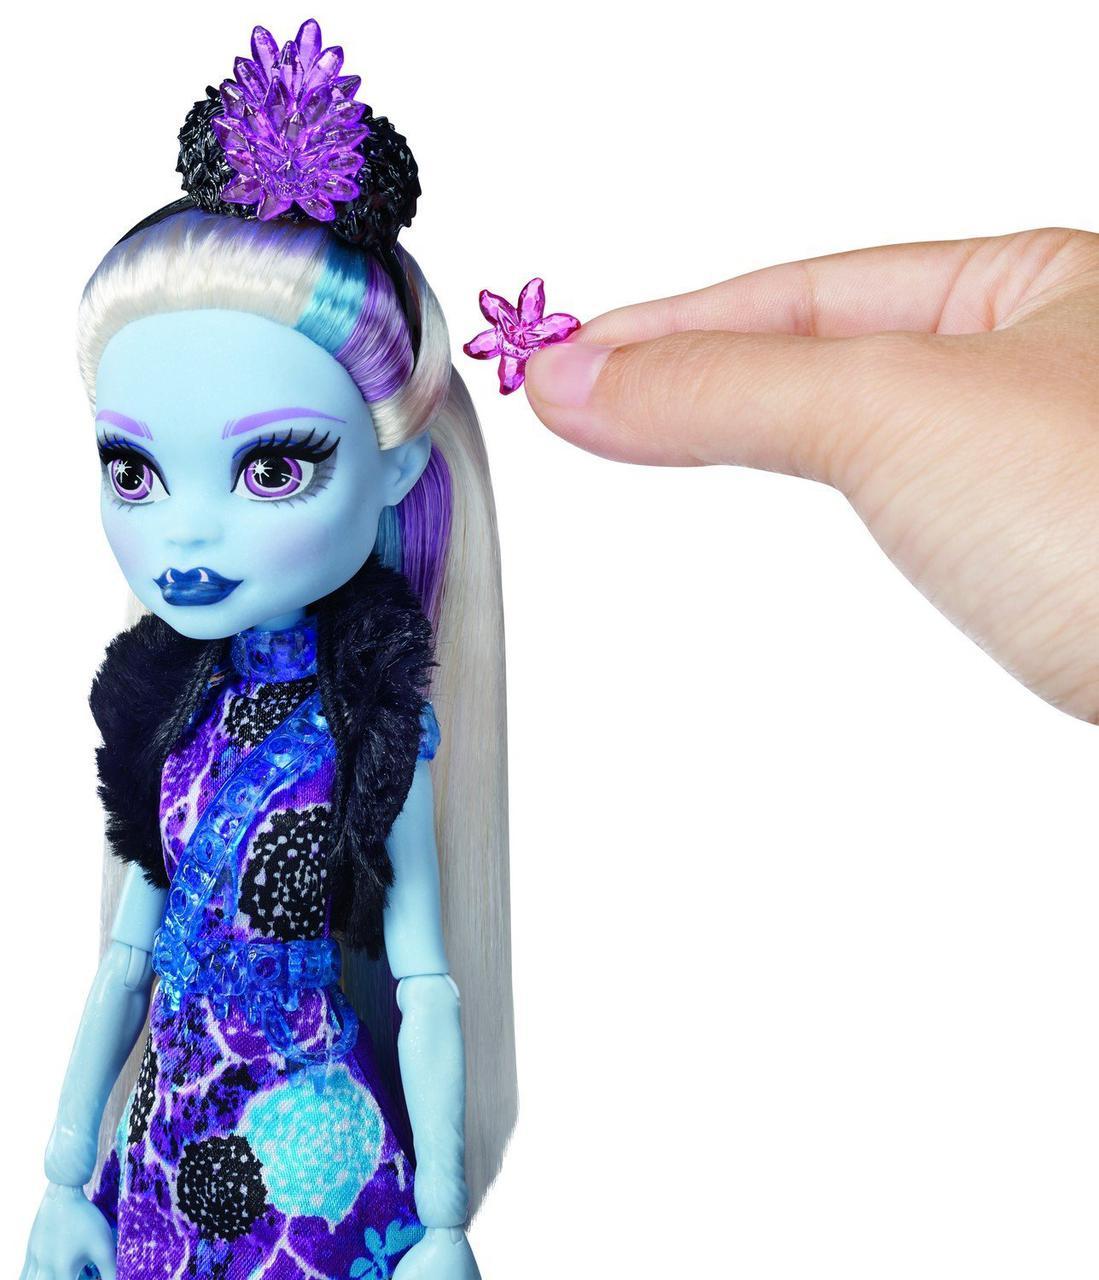 Эбби Боминейбл Вечеринка монстров Кукла Монстер Хай Monster High Party Ghouls Abbey Bominable Doll